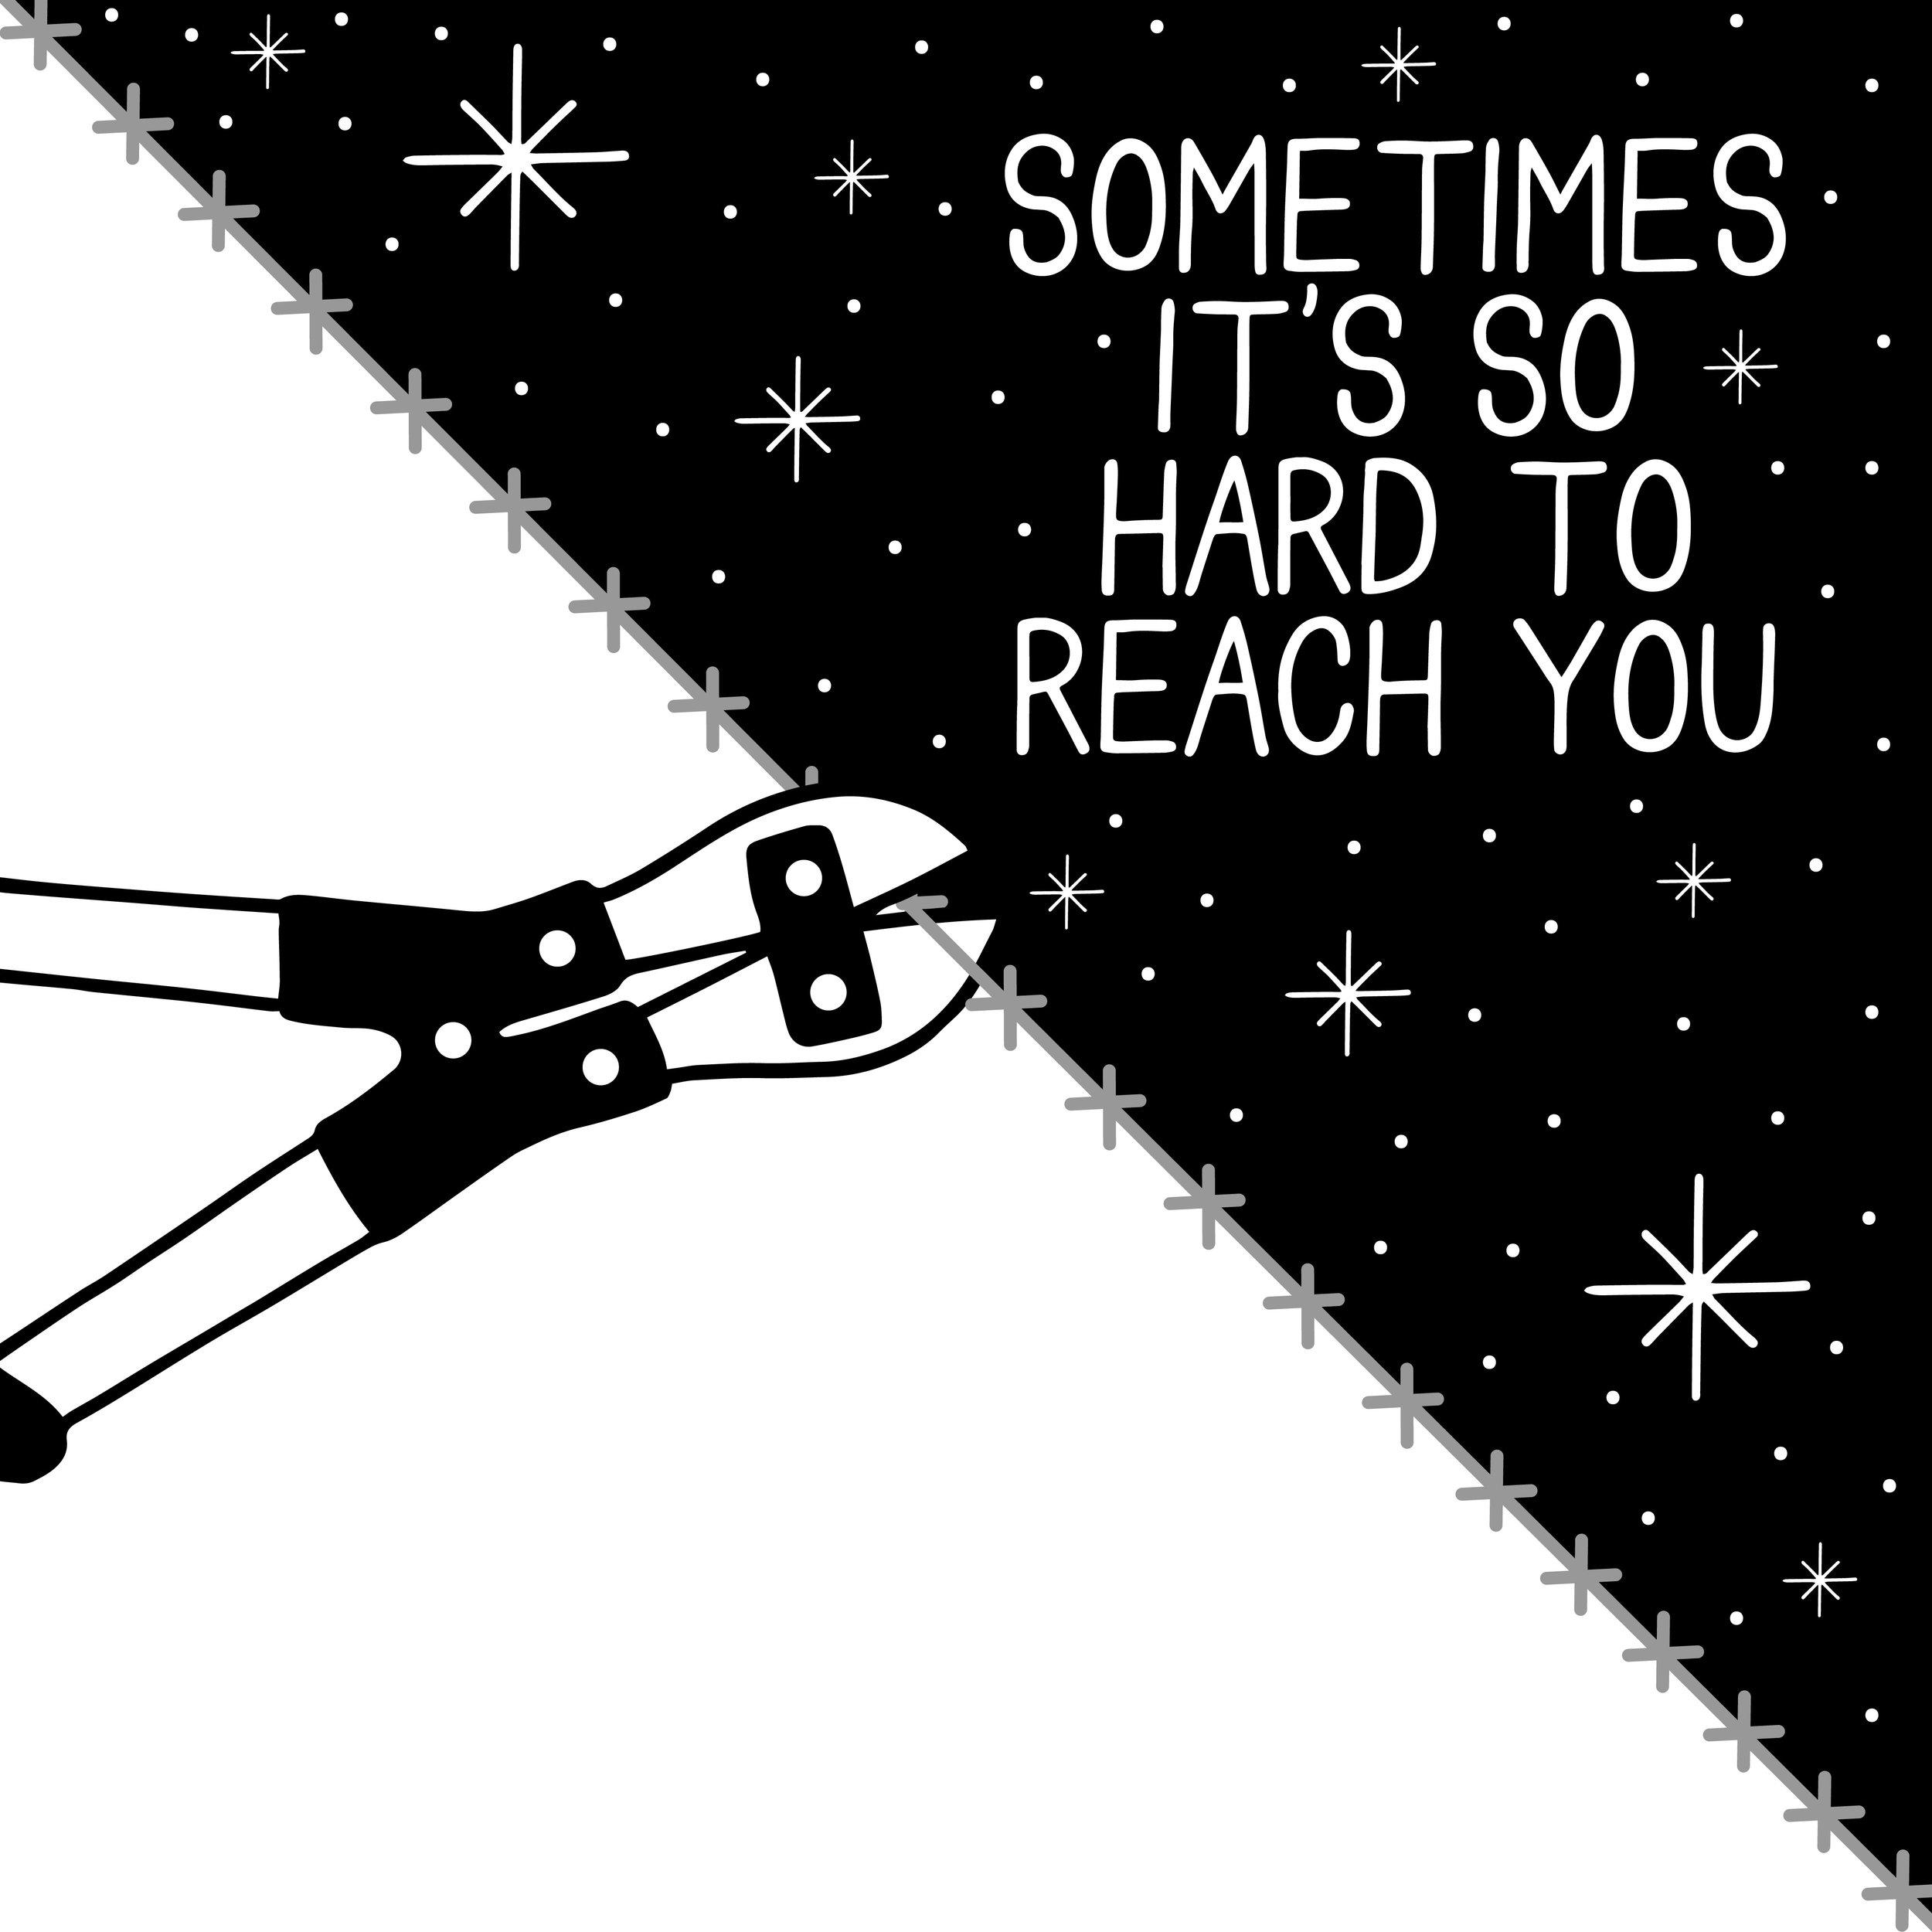 reachyou-01.jpg